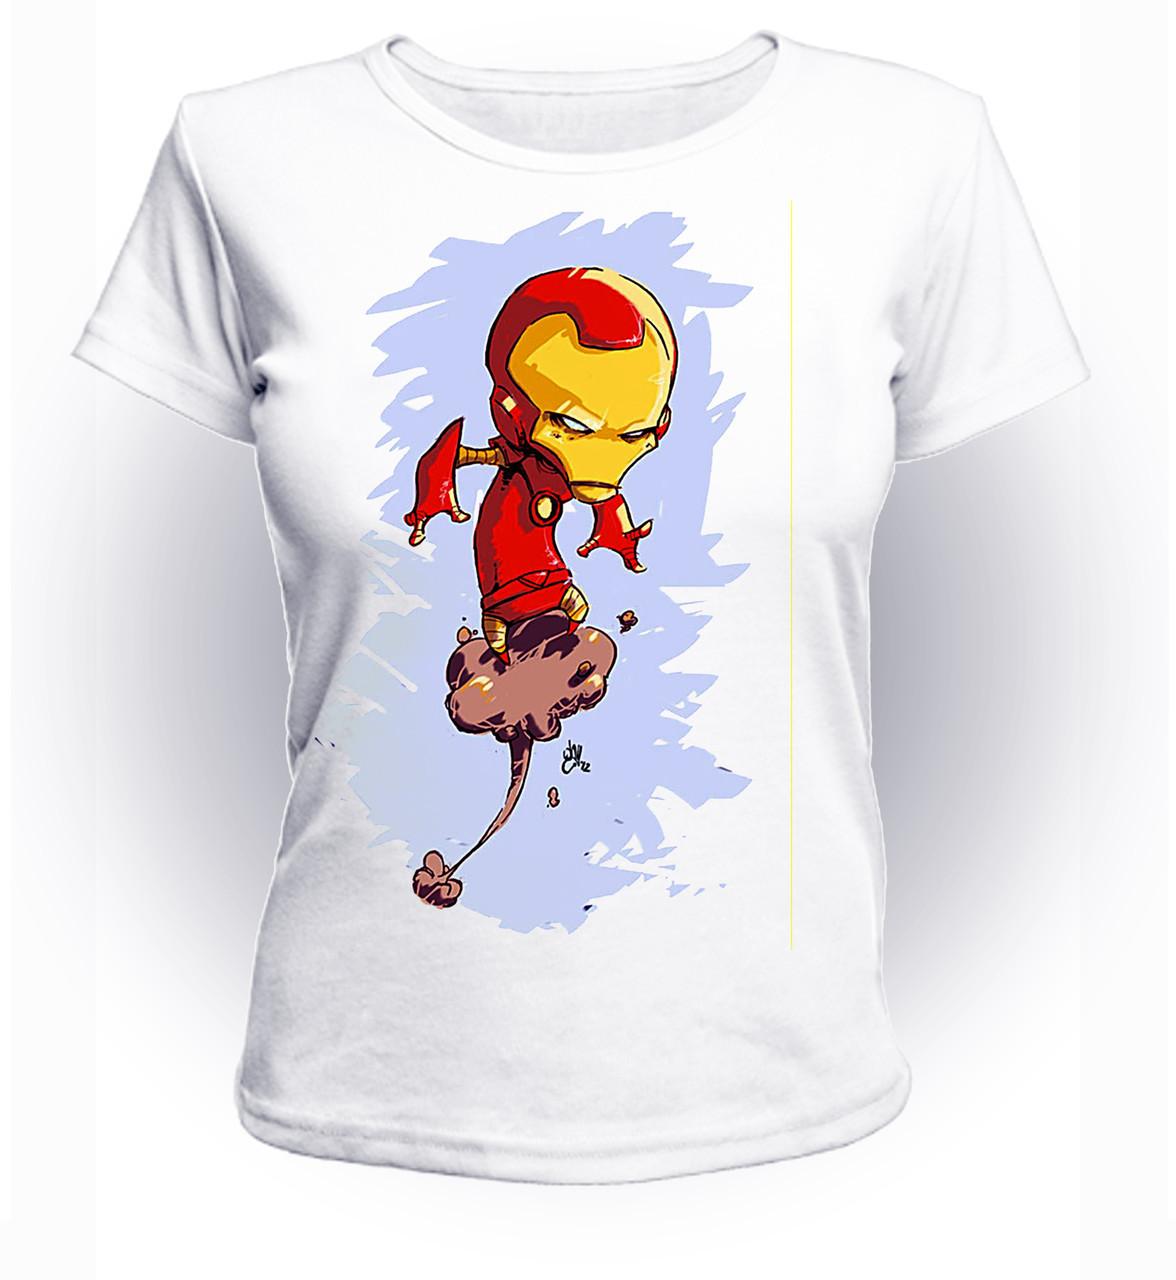 Футболка женская S GeekLand Железный Человек Iron Man зарисовка art IM.01.040